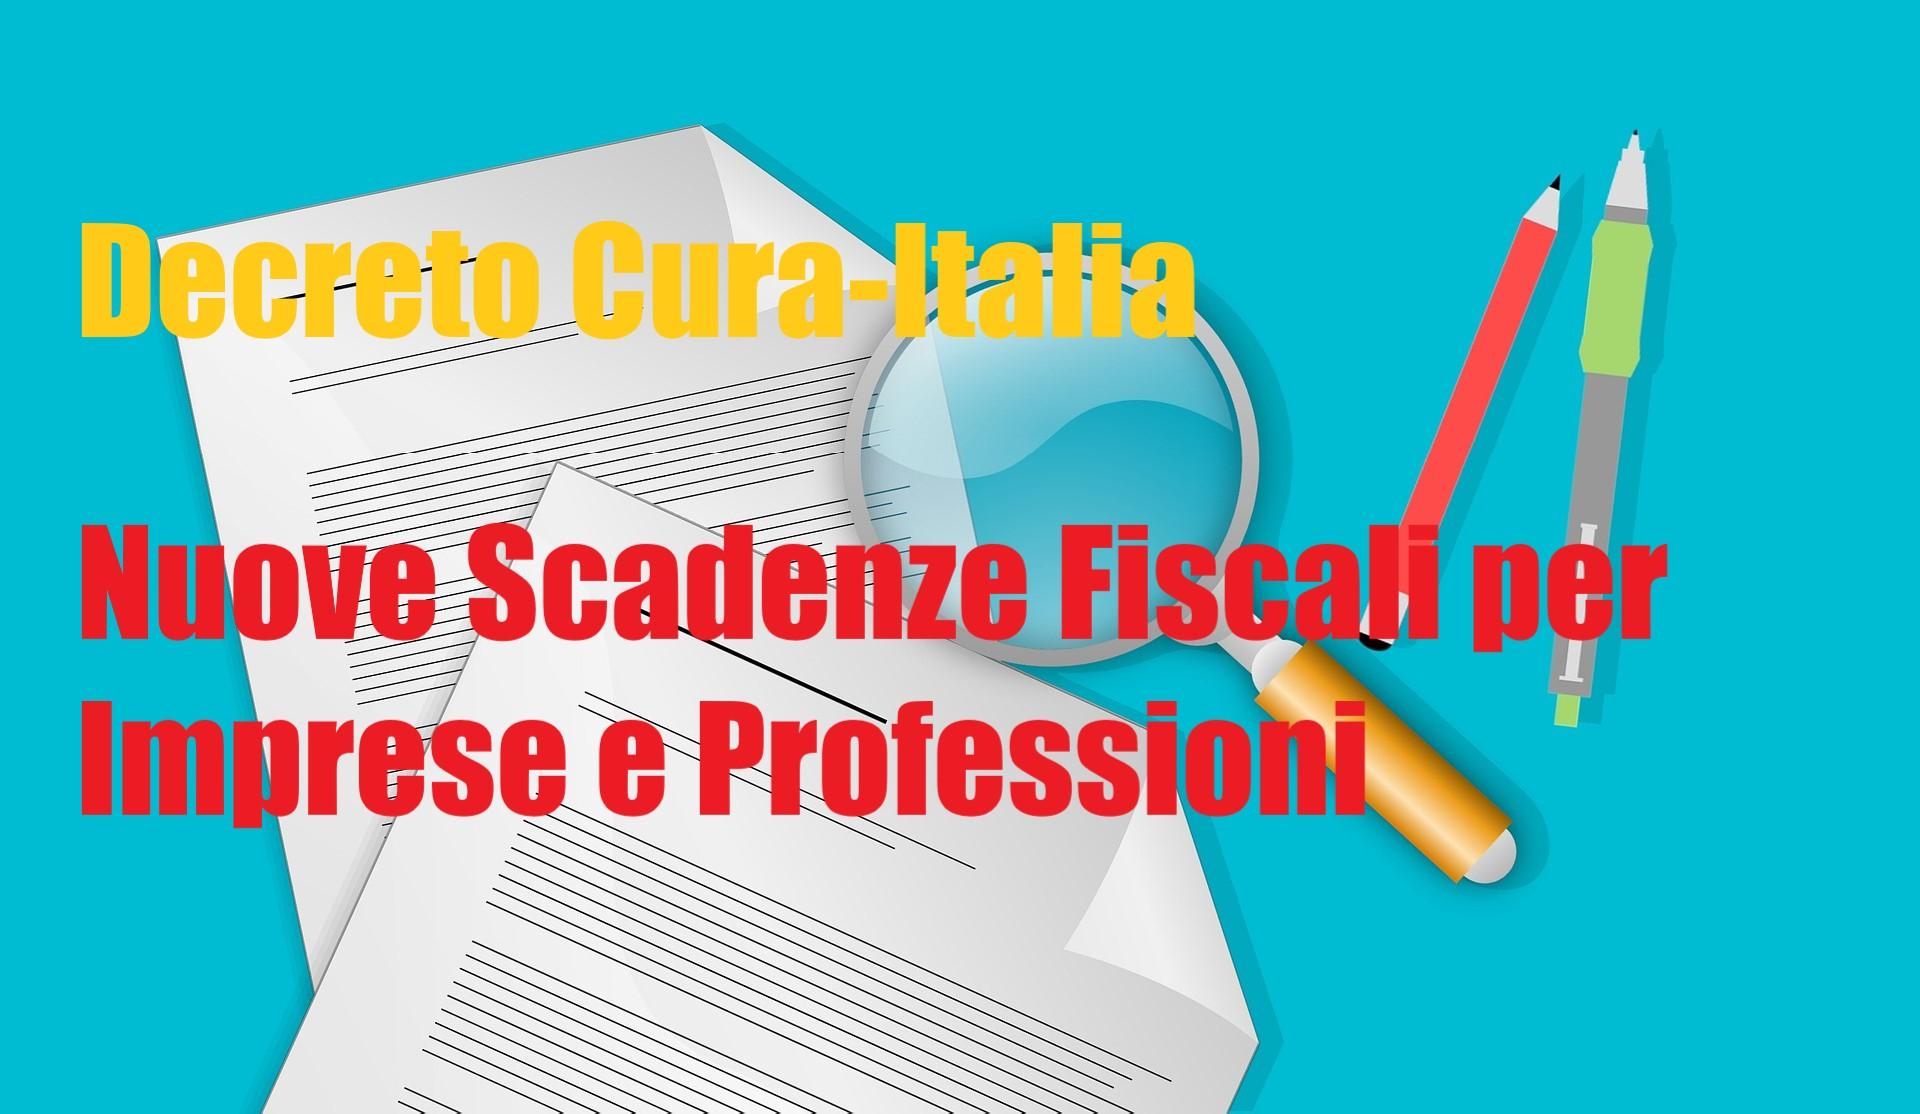 Decreto Cura-Italia: nuove scadenze fiscali per Imprese e Professionisti